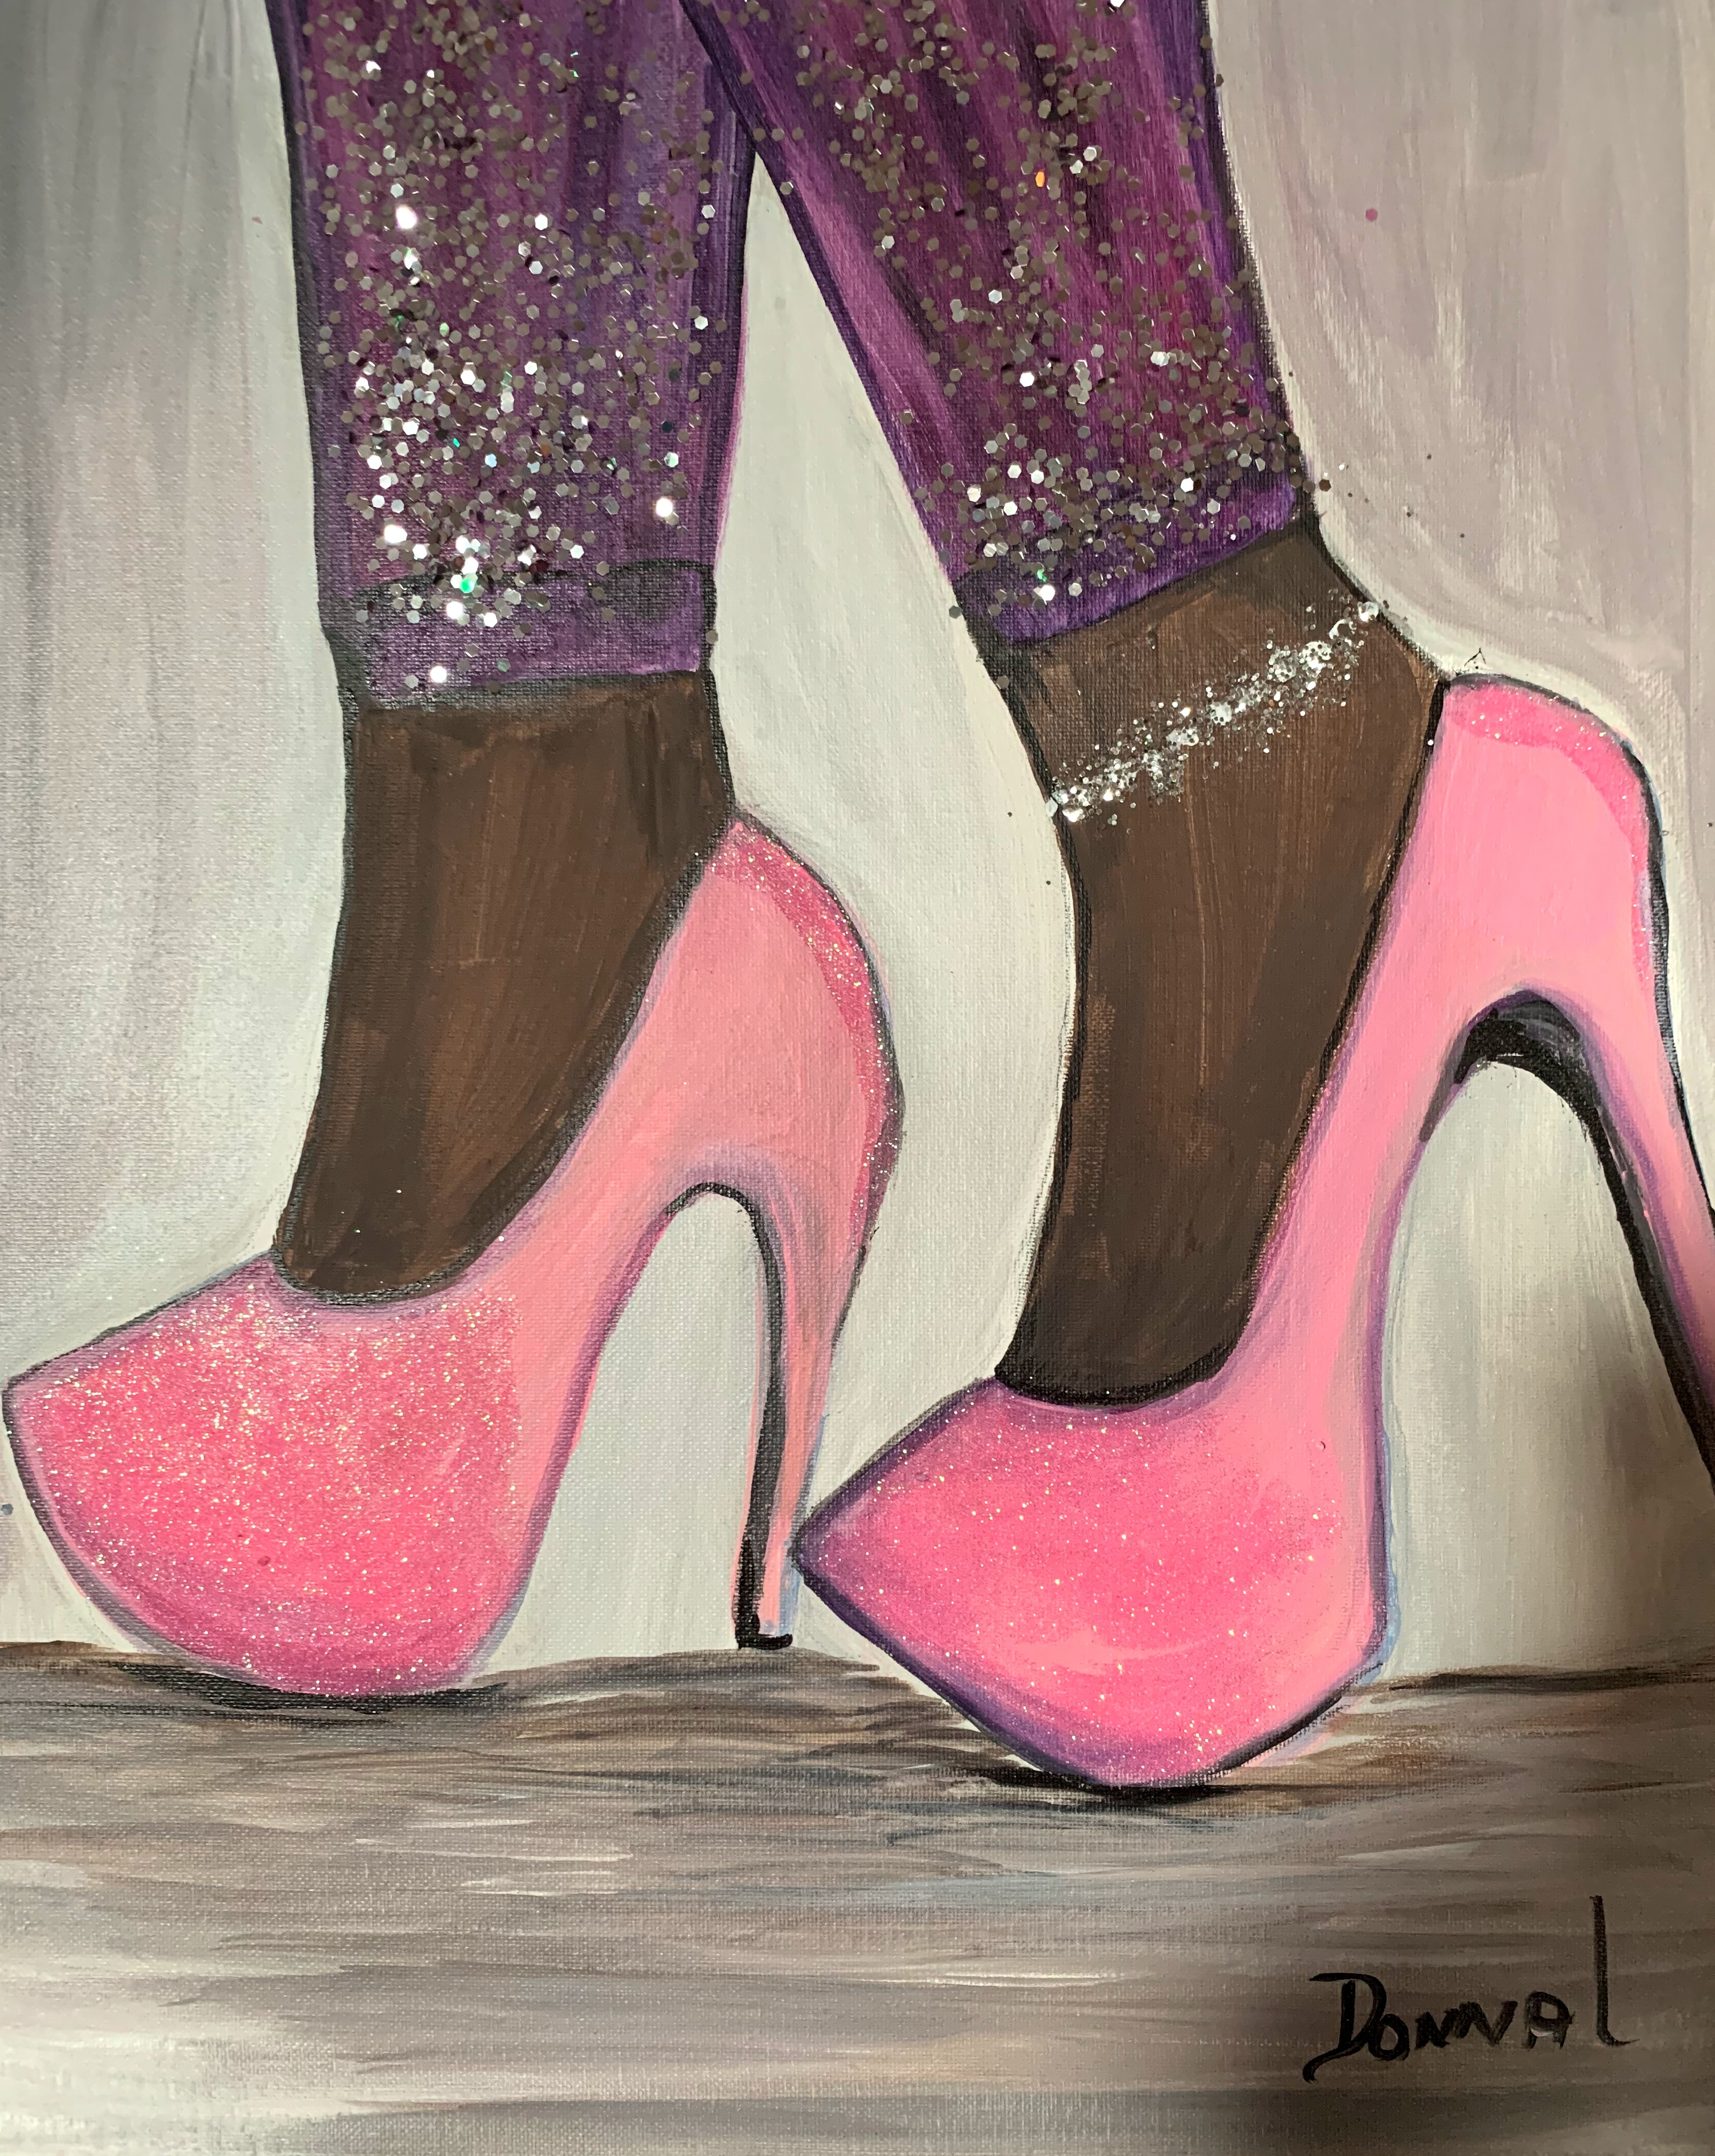 Shoes #105